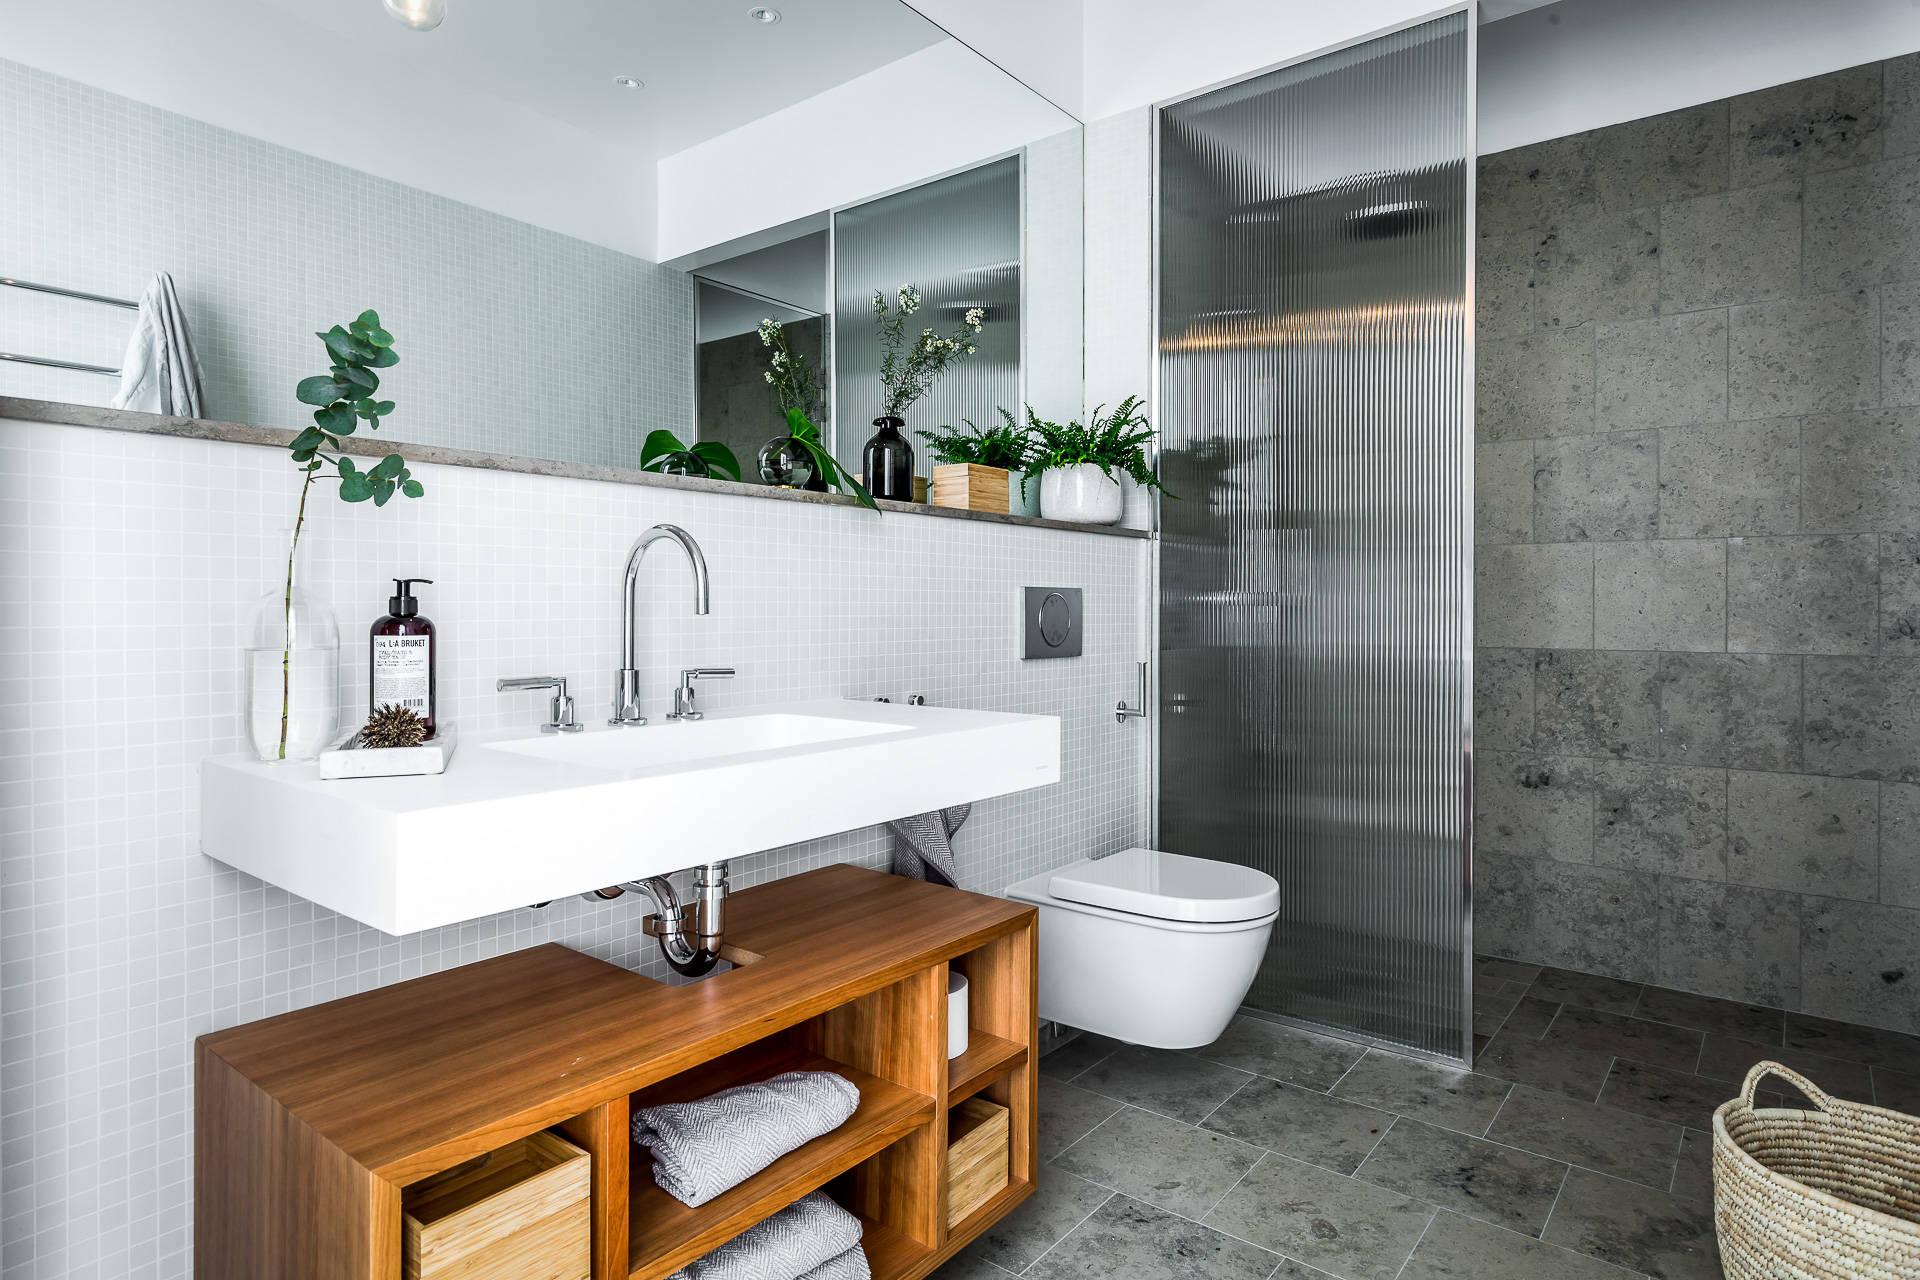 санузел душевая подвесной унитаз раковина стеллаж зеркало белая серая плитка